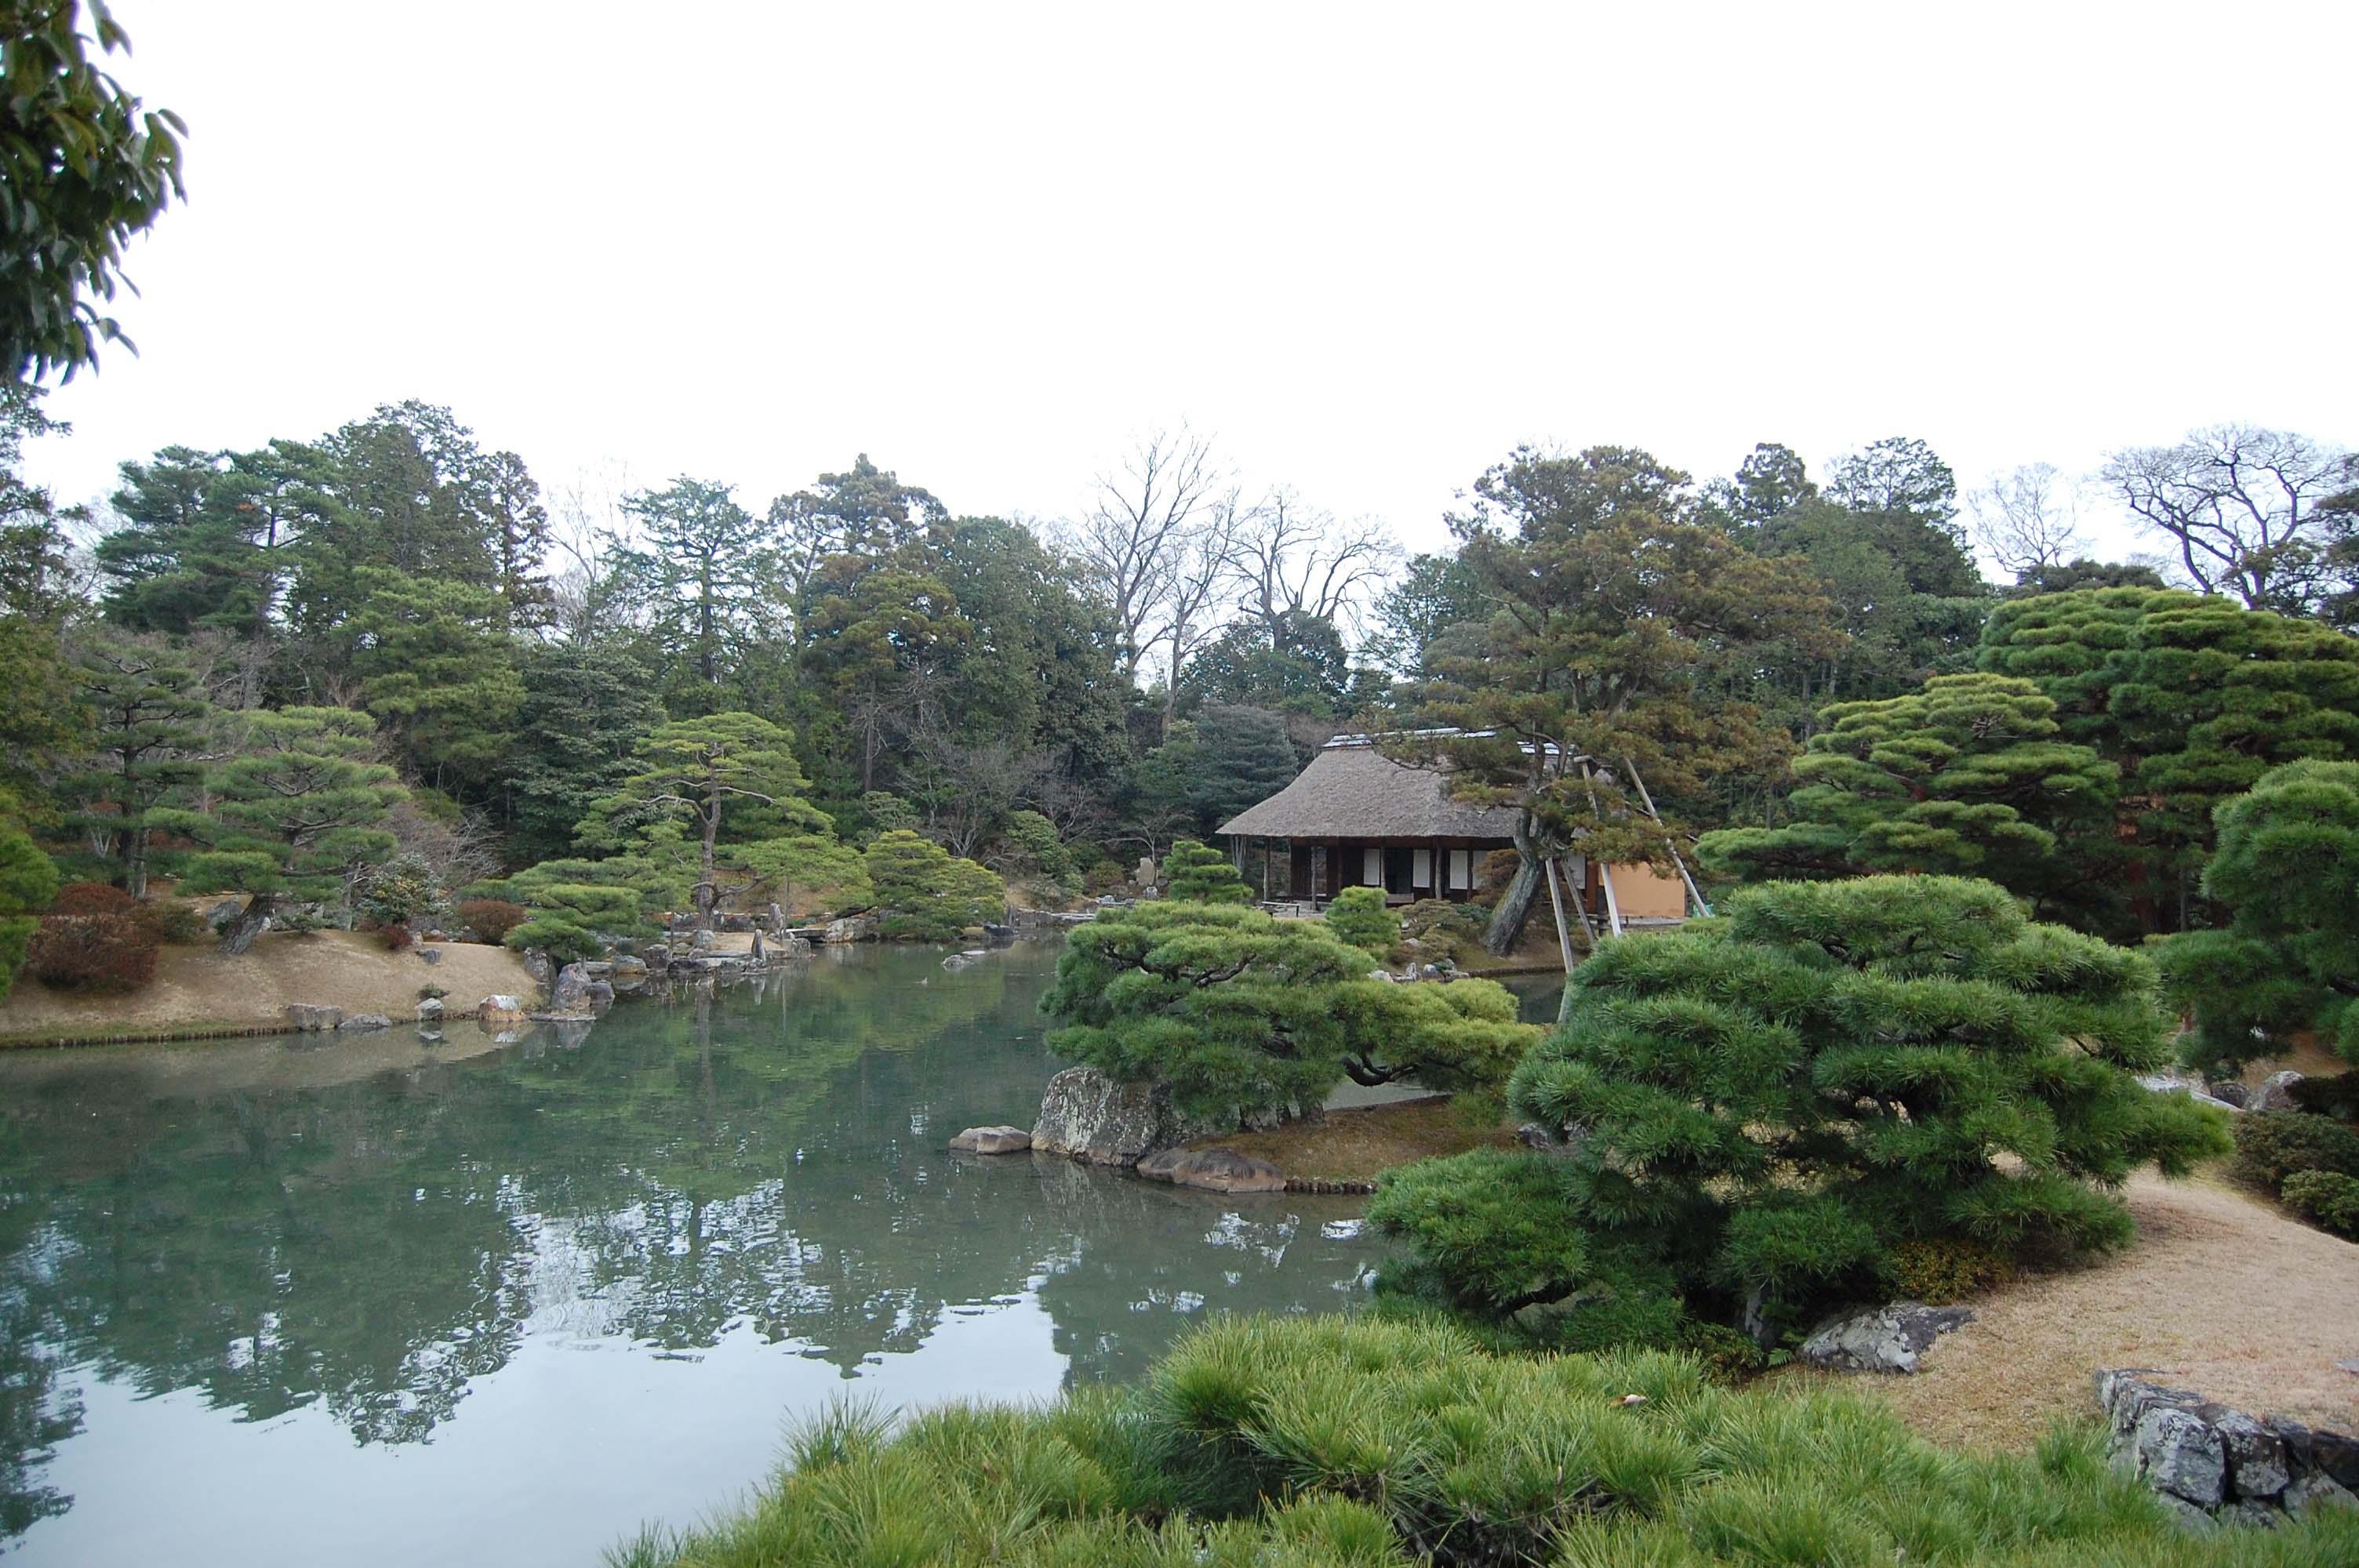 Vista del jardín y del lago en el Palacio de retiro imperial Katsura.